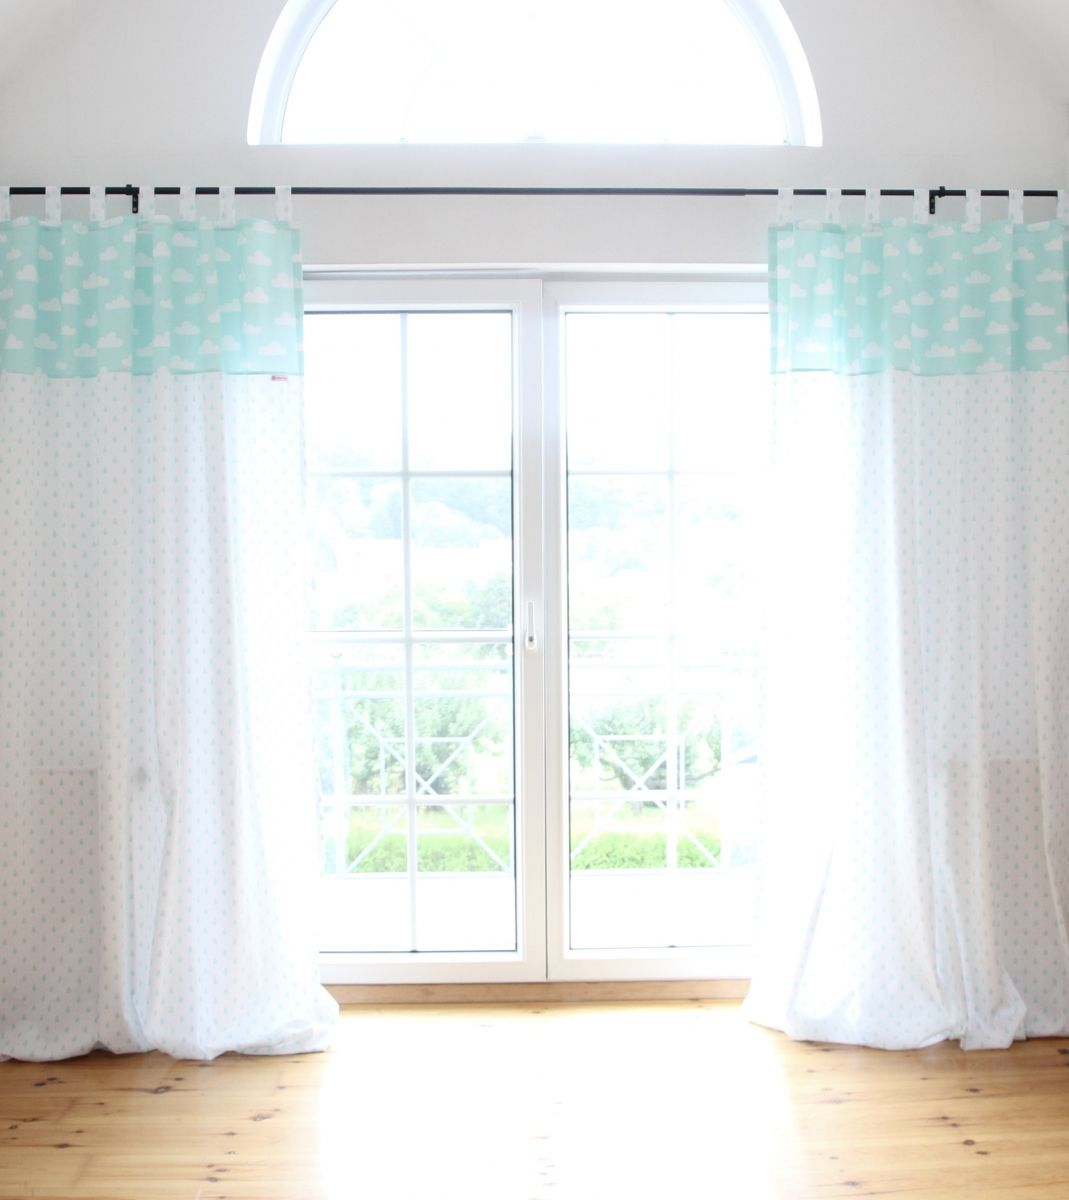 Full Size of Gardine Kinderzimmer Vorhang Wolken Tropfen Mint Wei Junge Regale Fenster Gardinen Sofa Regal Scheibengardinen Küche Für Wohnzimmer Schlafzimmer Die Weiß Kinderzimmer Gardine Kinderzimmer